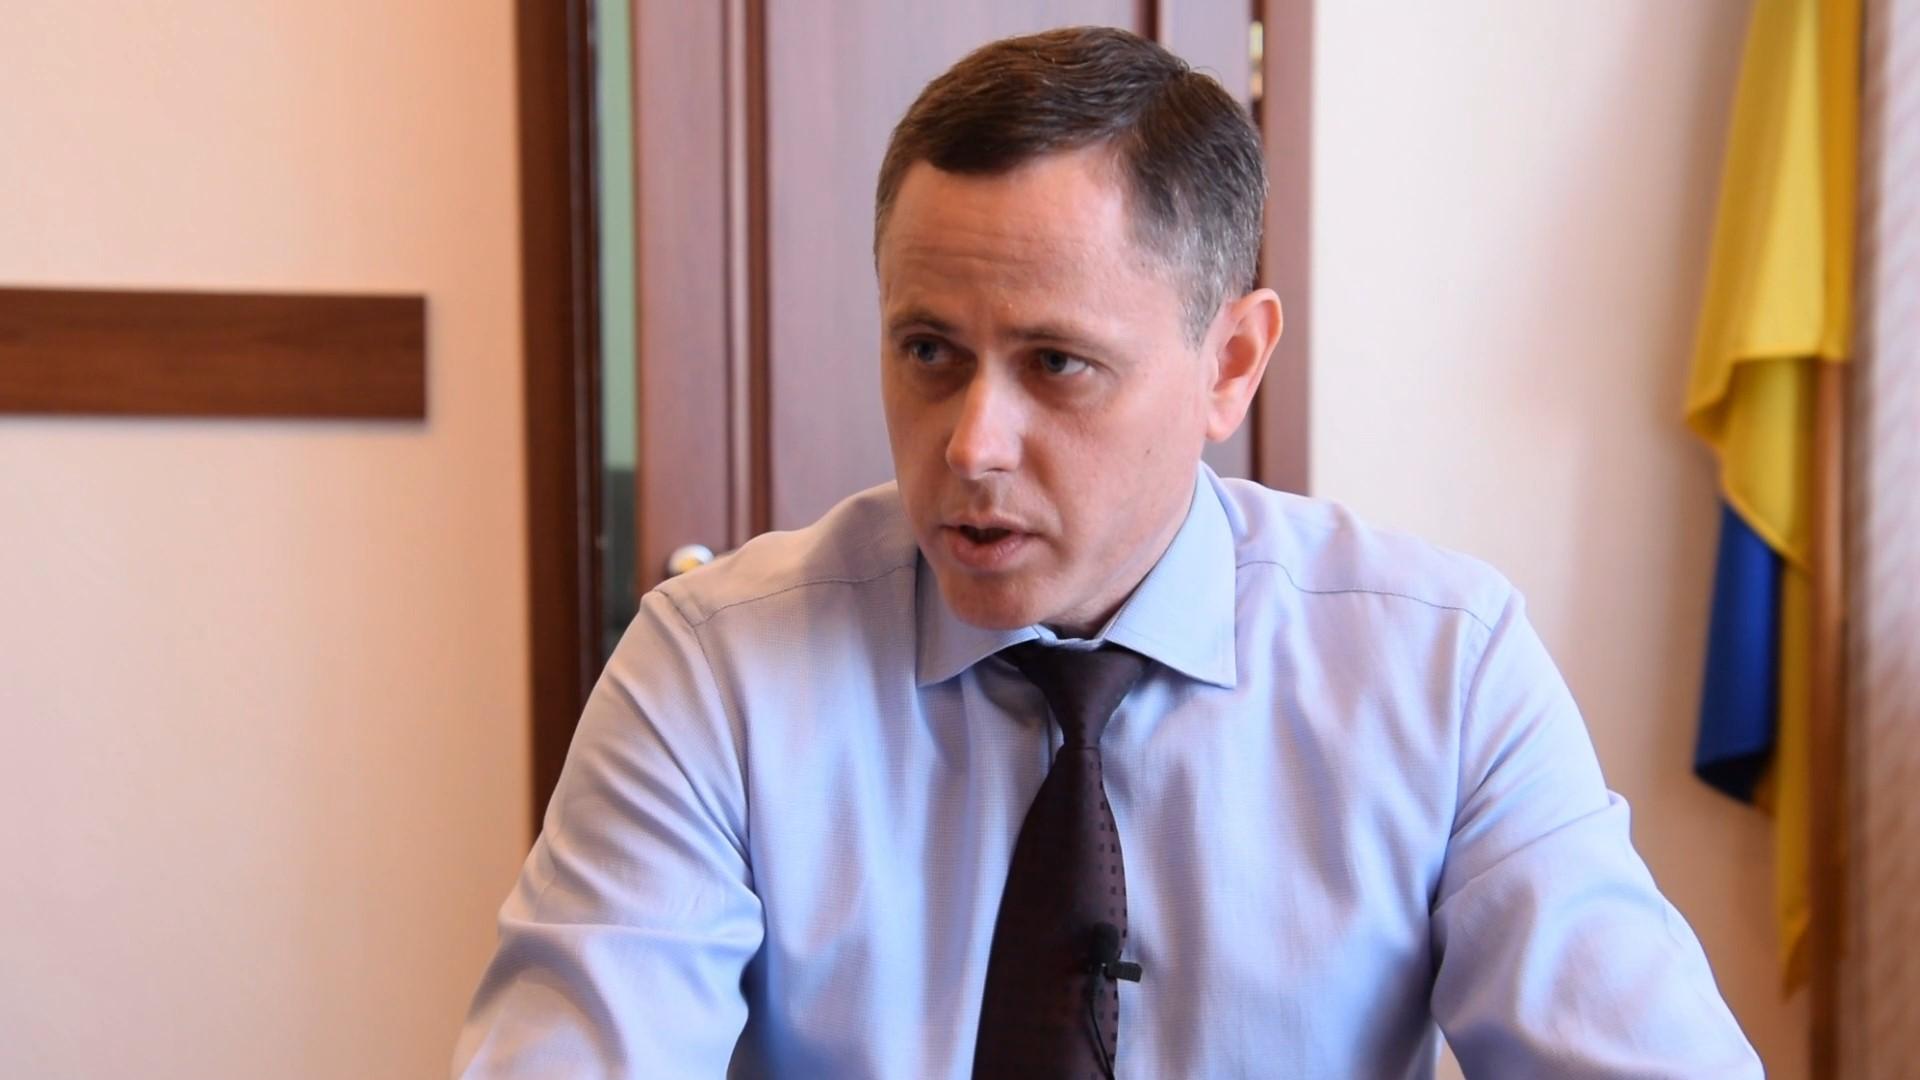 Материальная помощь для закупки киловатт и увольнение Сергея Тыхенко: интервью с Александром Саюком | Прихист